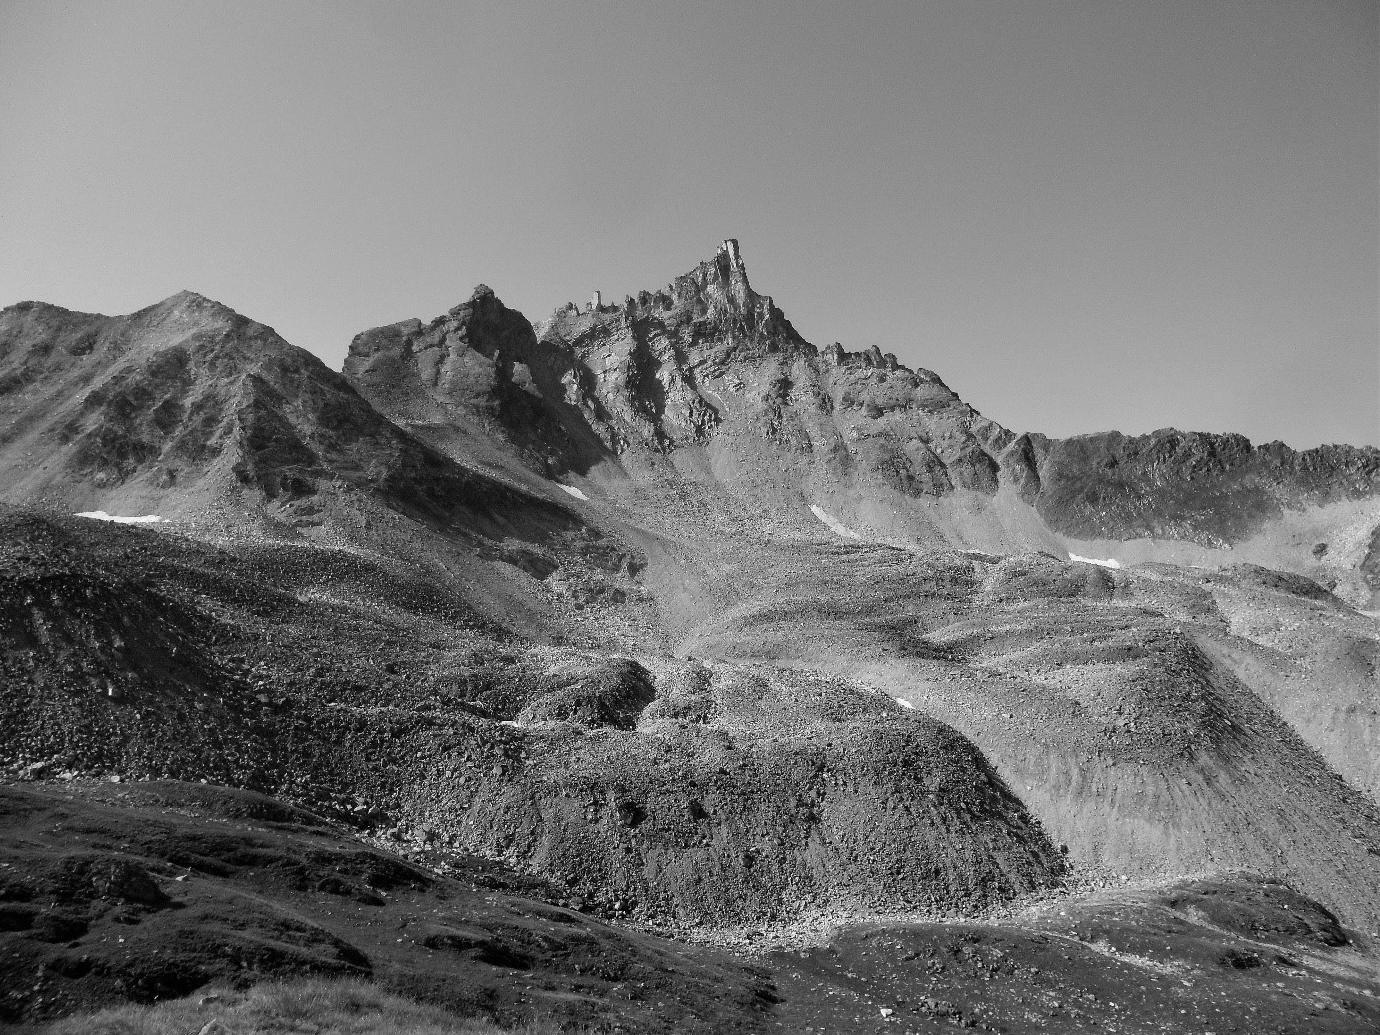 Un workshop international à Evolène afin de définir un standard pour l'inventaire des glaciers rocheux